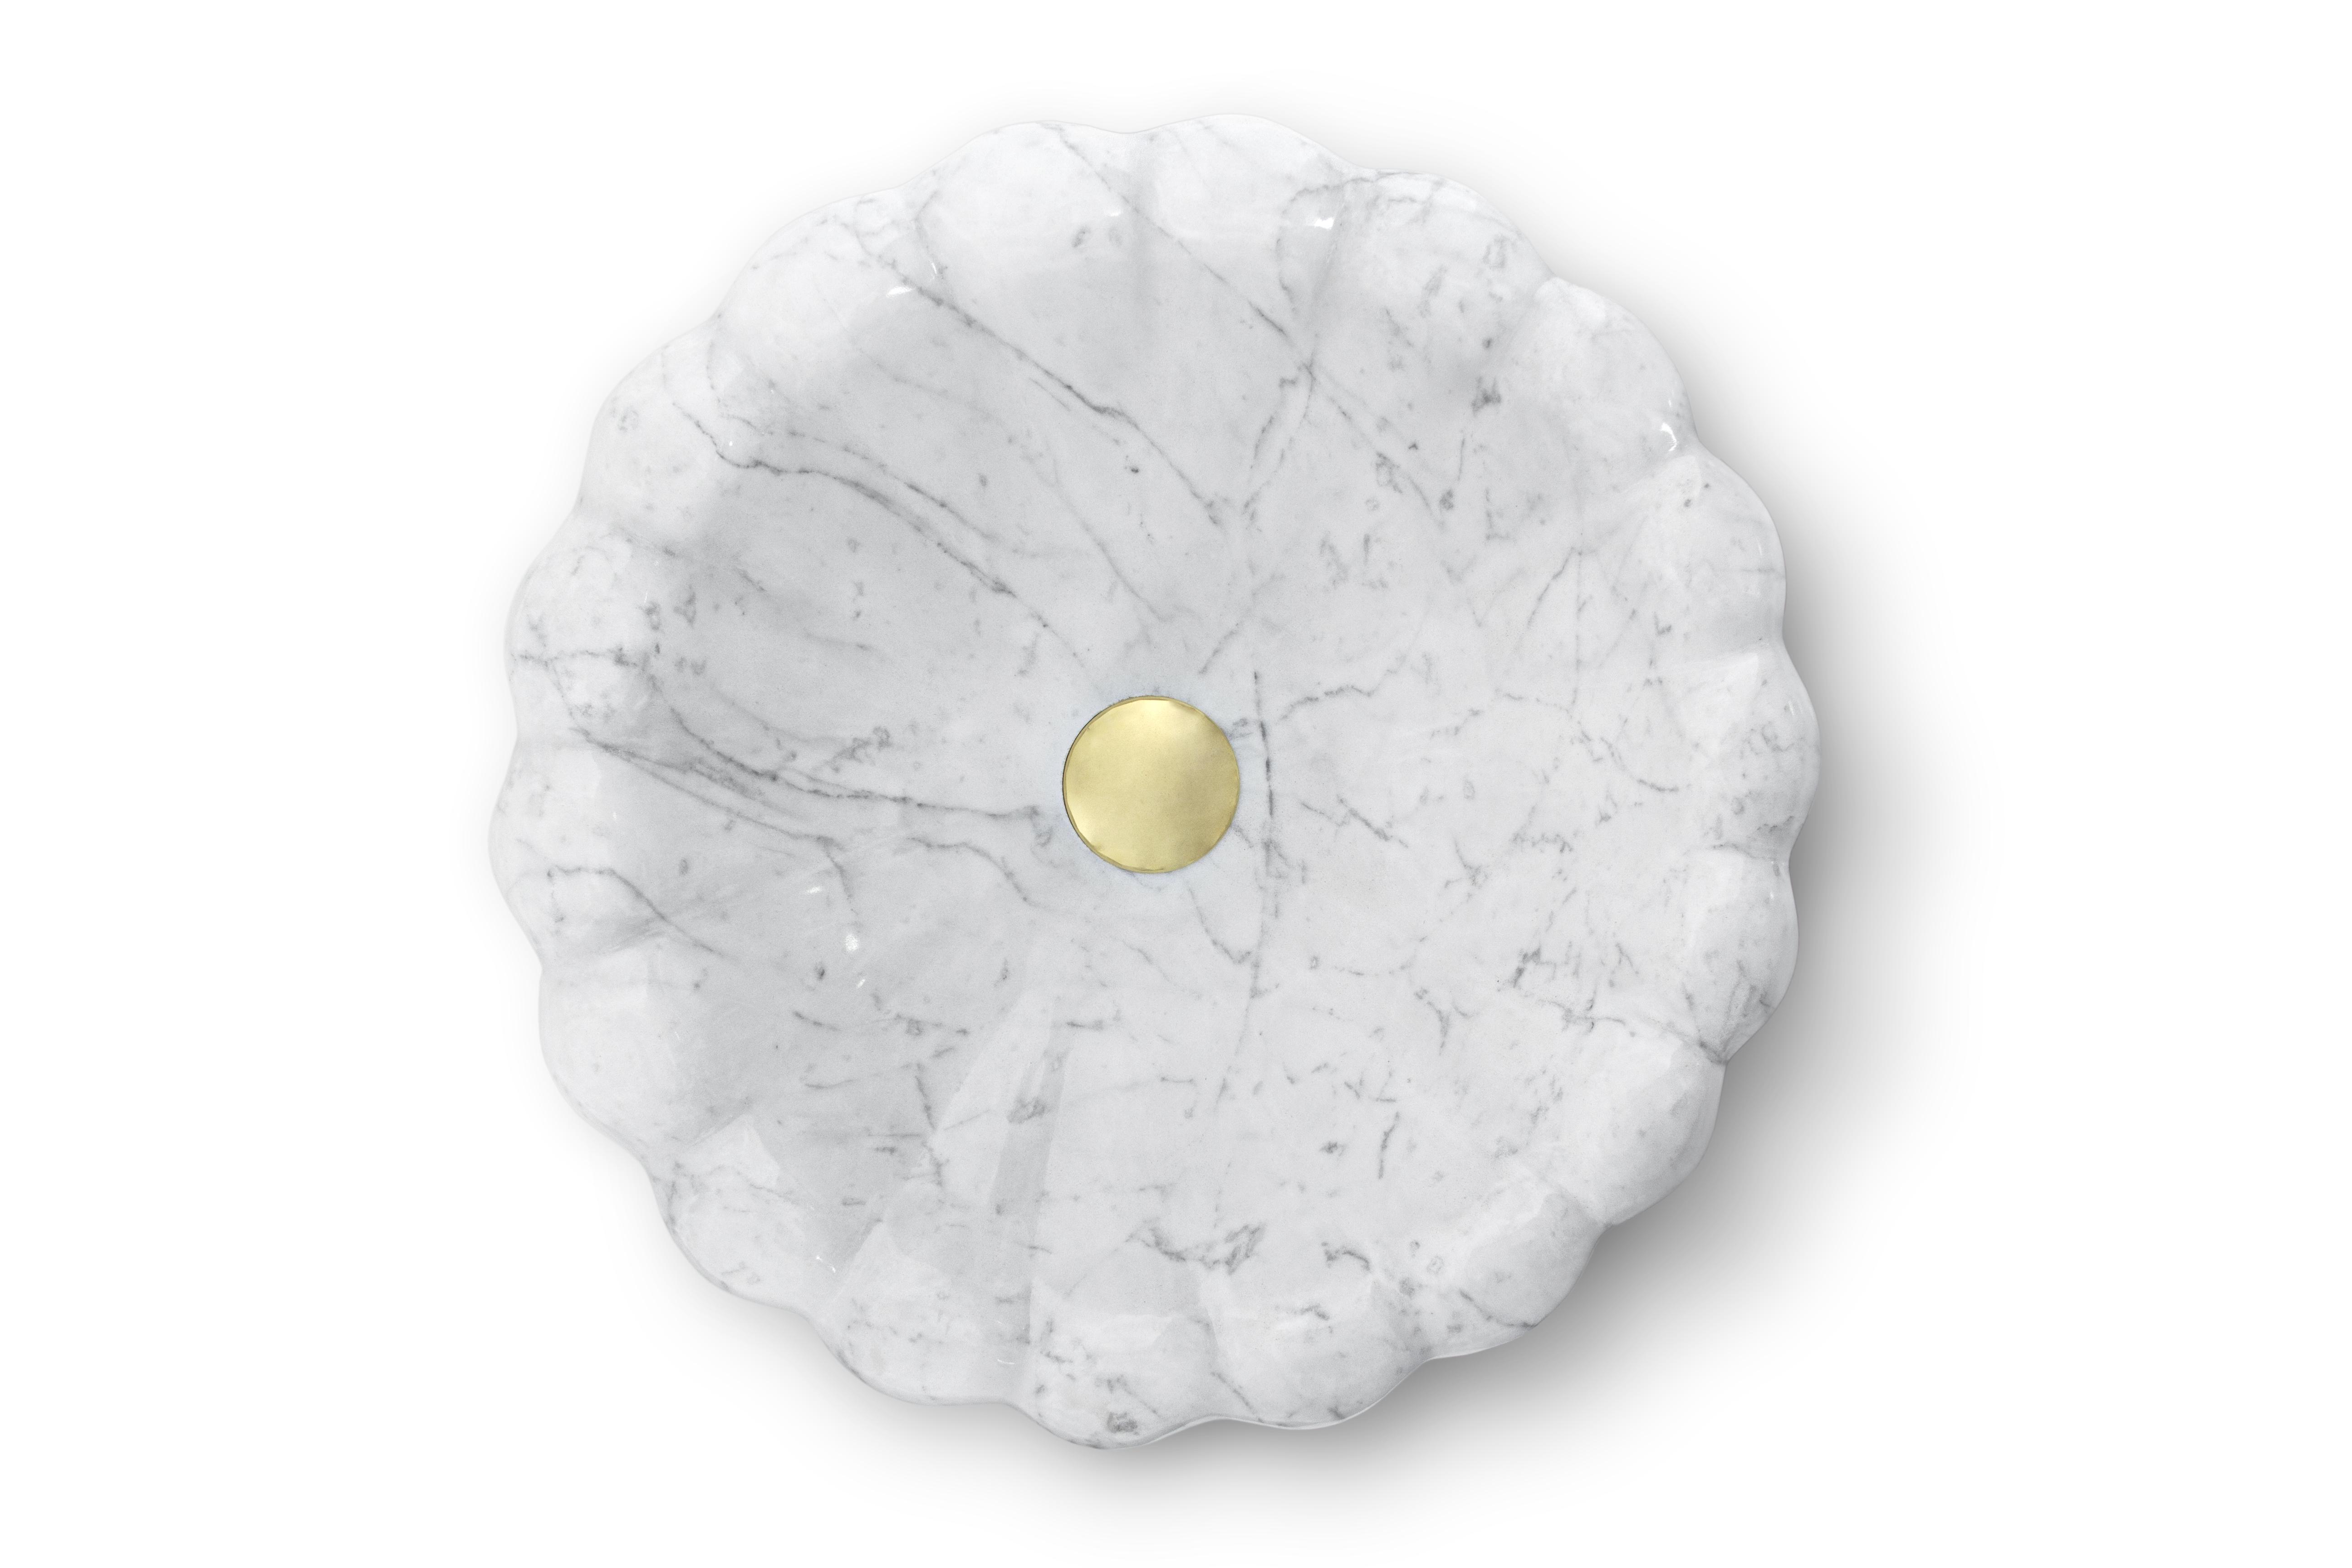 The Most Fabulous Bathroom Designs Bathroom Designs The Most Fabulous Bathroom Designs lotus vessel sink 2 HR